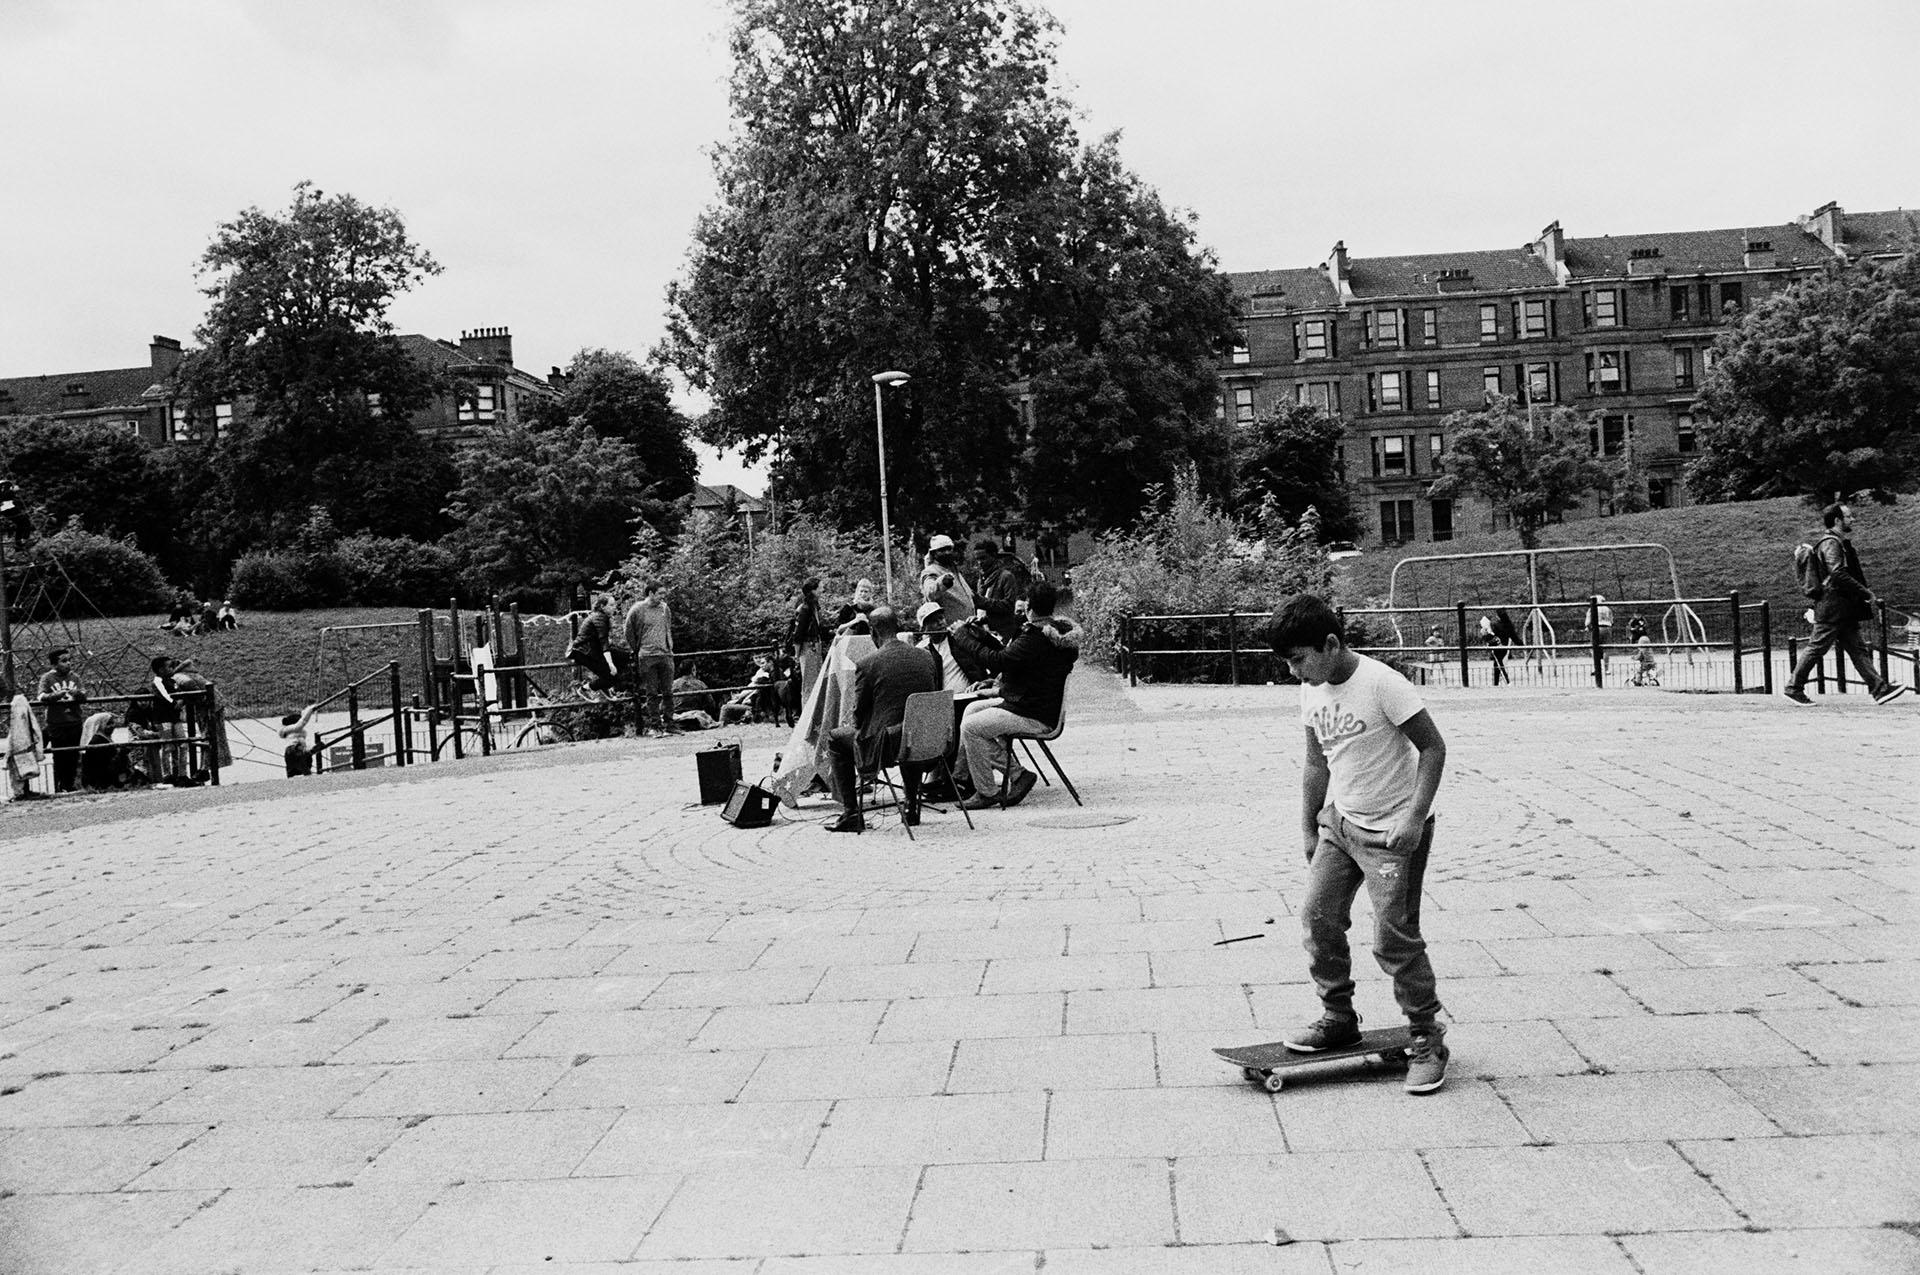 Glasgow 35mm street